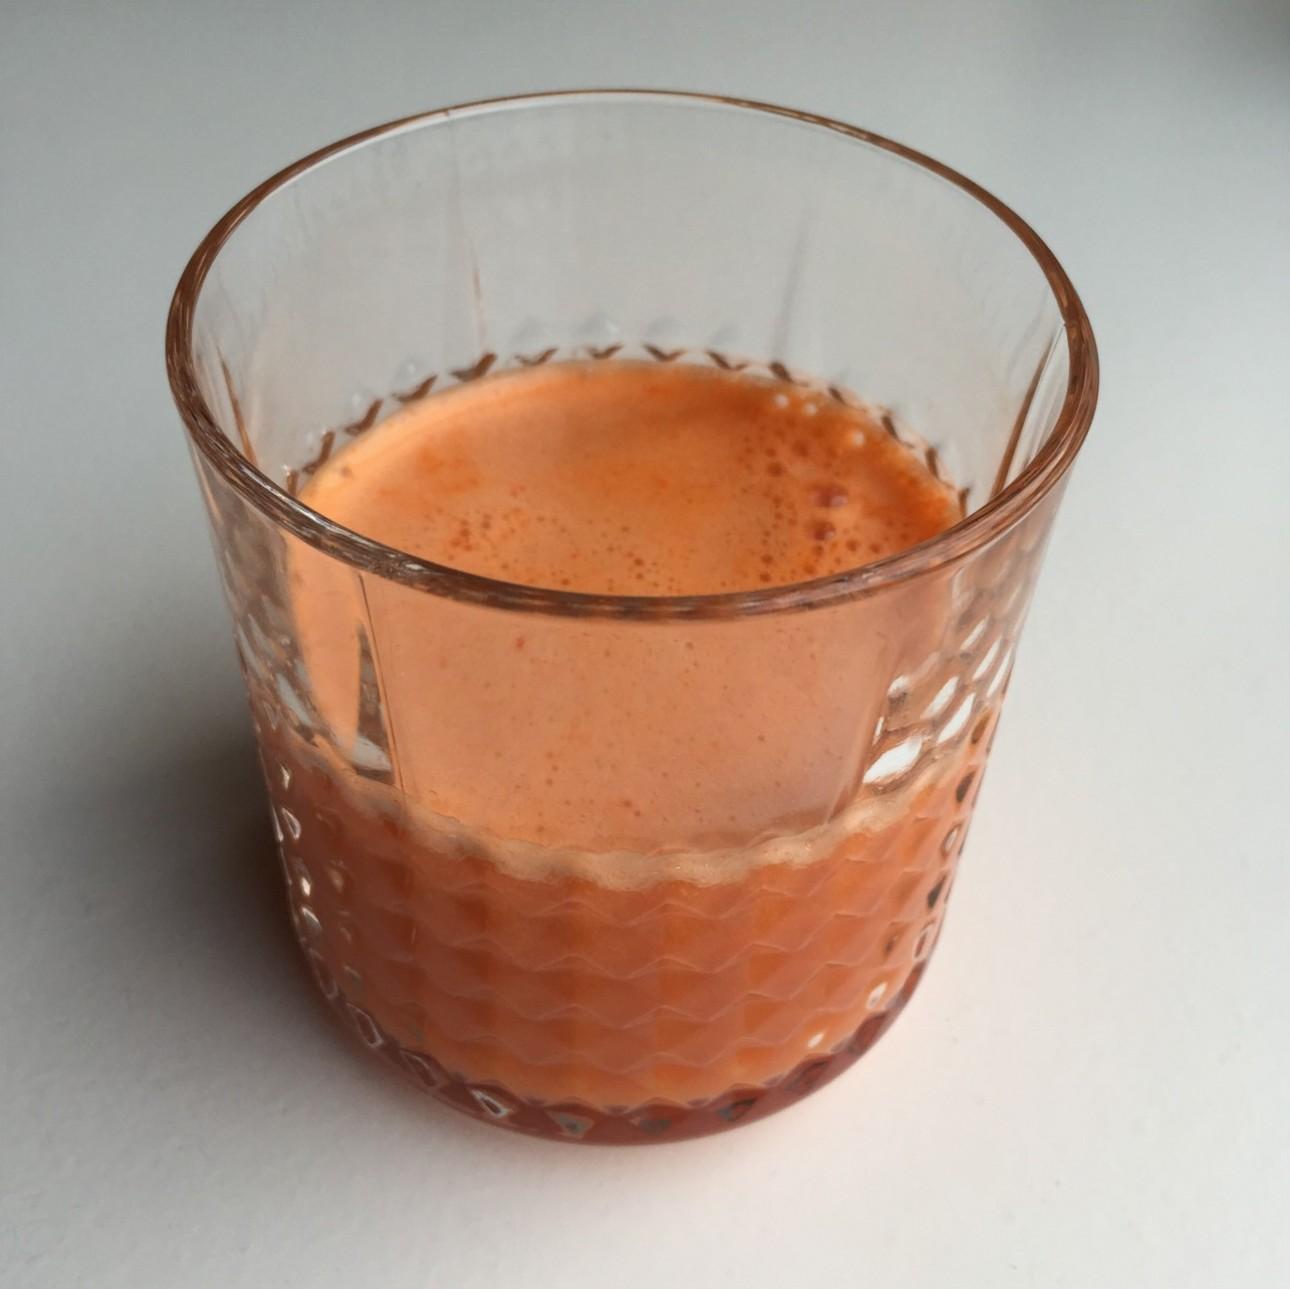 Detox sapje - gezond sapje - wortelsap